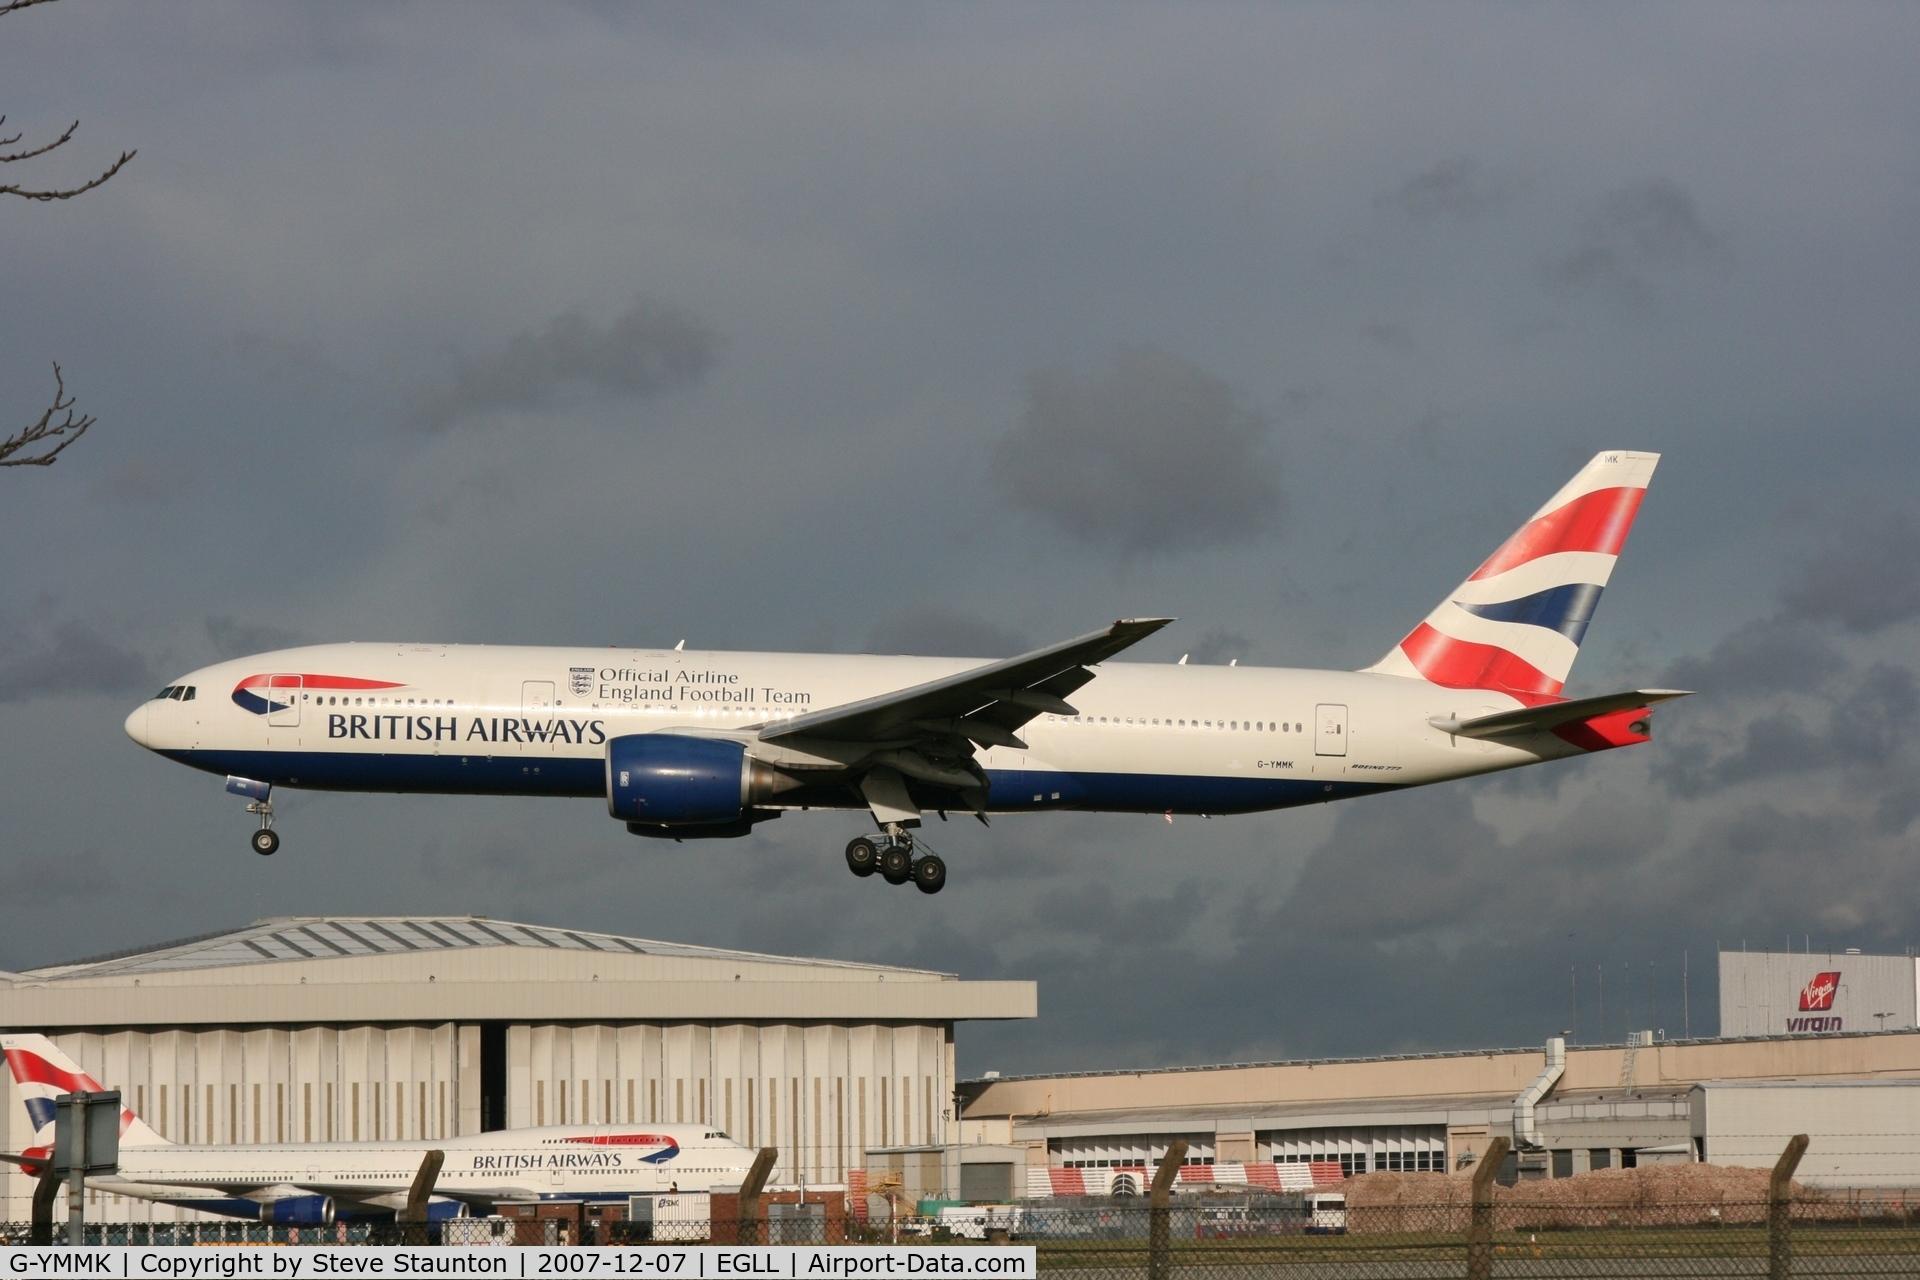 G-YMMK, 2000 Boeing 777-236 C/N 30312, Taken at Heathrow Airport 07 December 2007